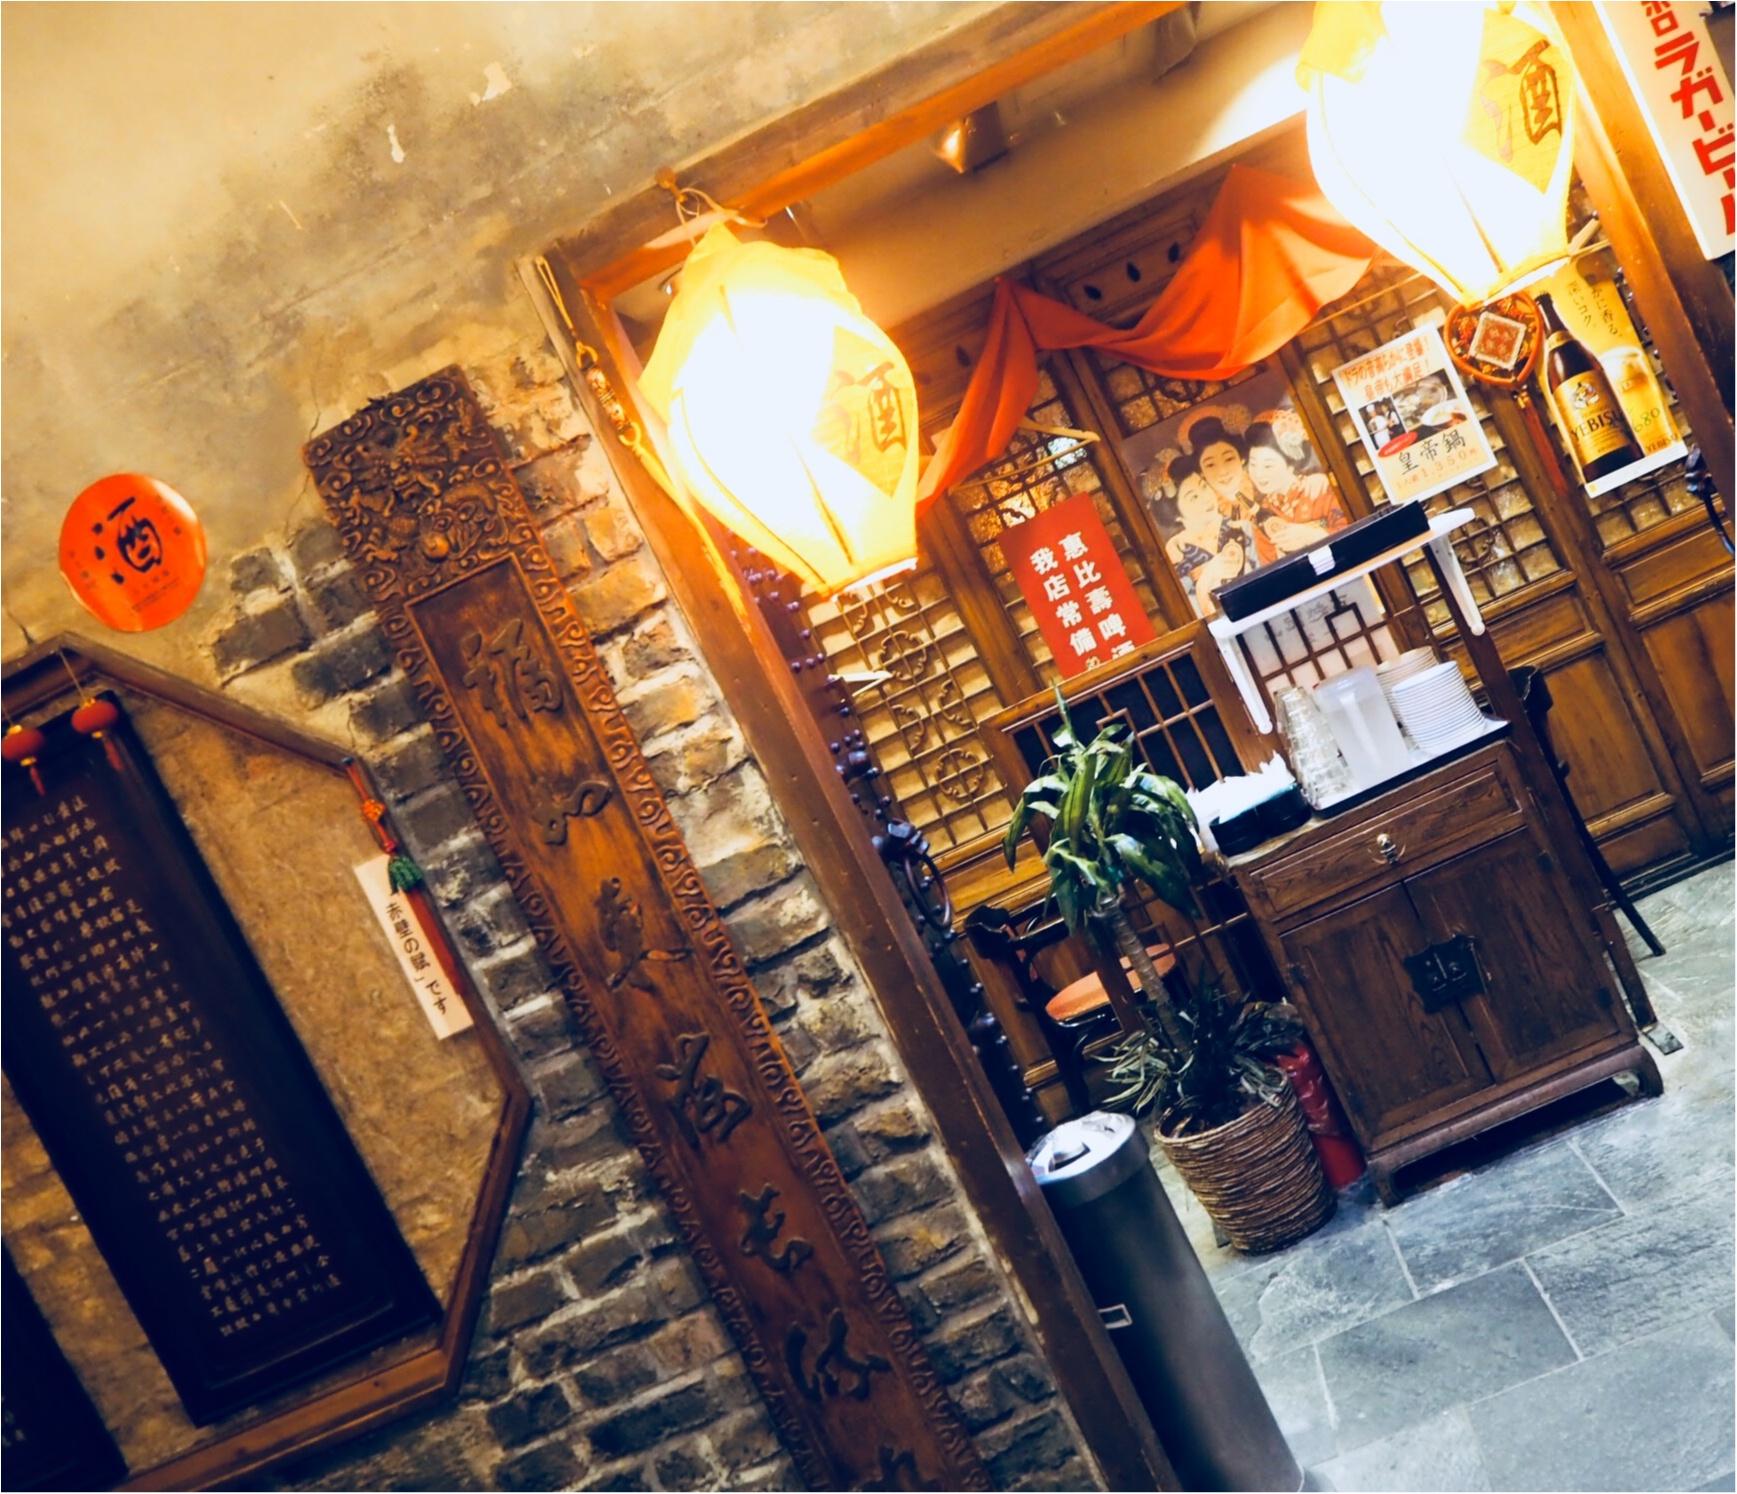 【新宿・老辺餃子】日本ではココだけ!清の皇帝も大絶賛した歴史ある餃子をぜひ味わってみて〜❤︎_1